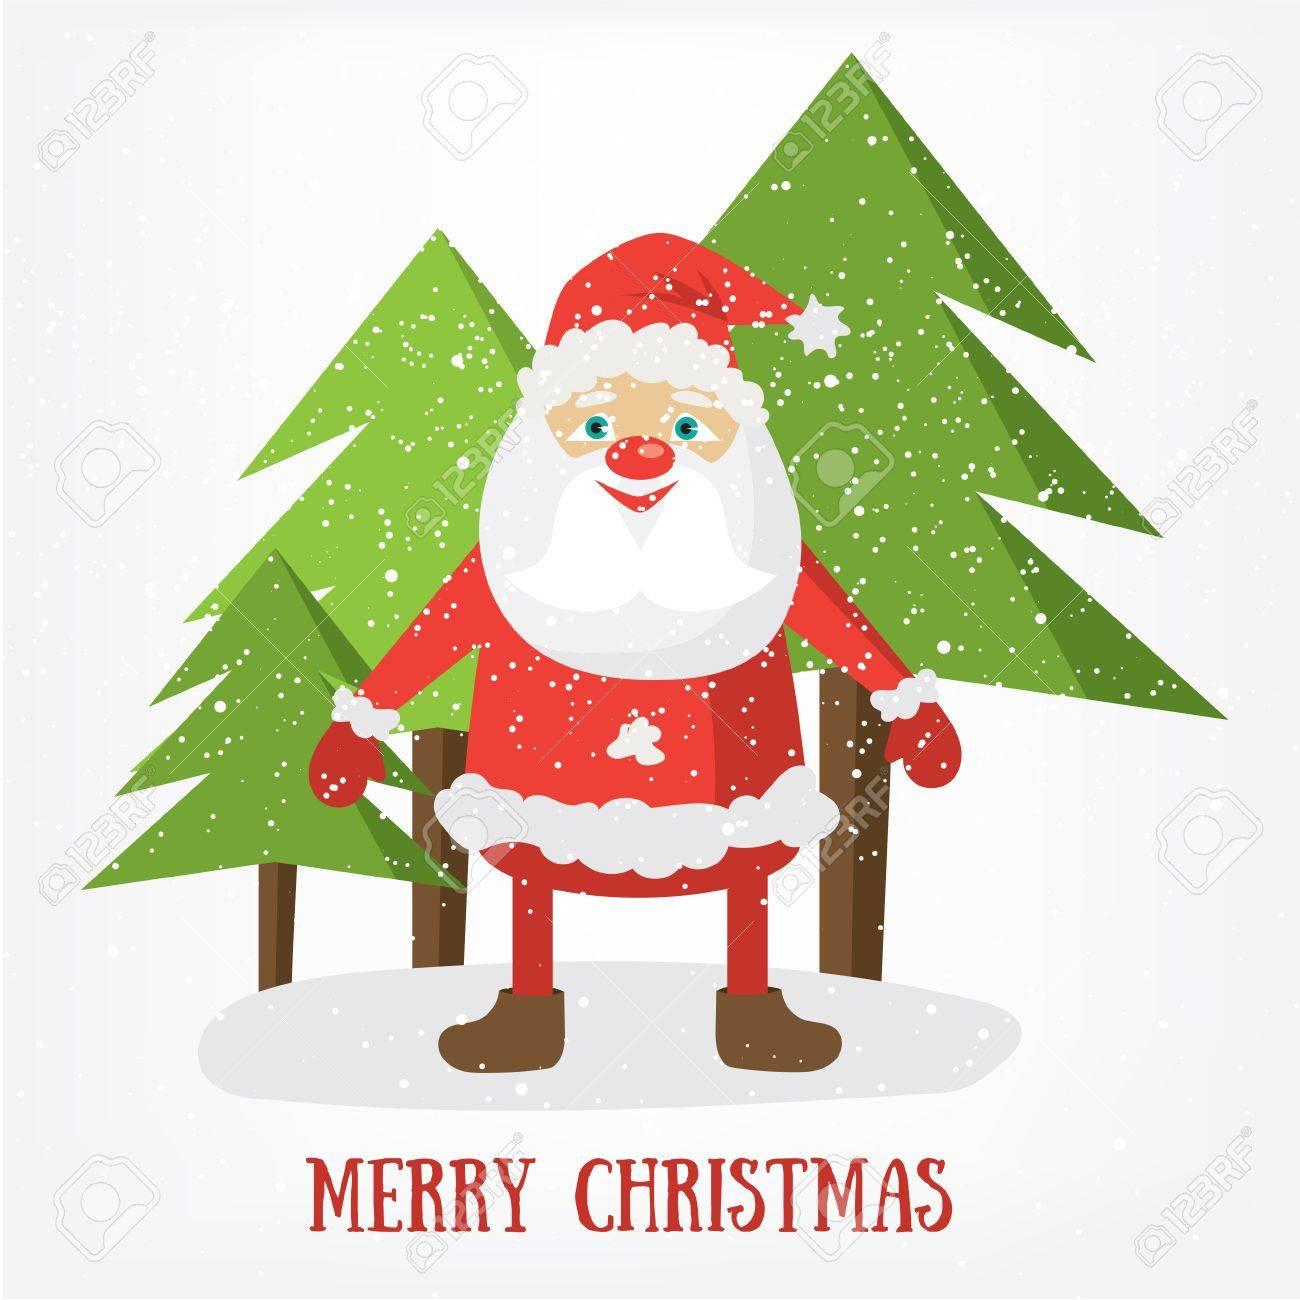 Plantilla De Tarjeta Postal De Feliz Navidad. Ilustración Vectorial ...